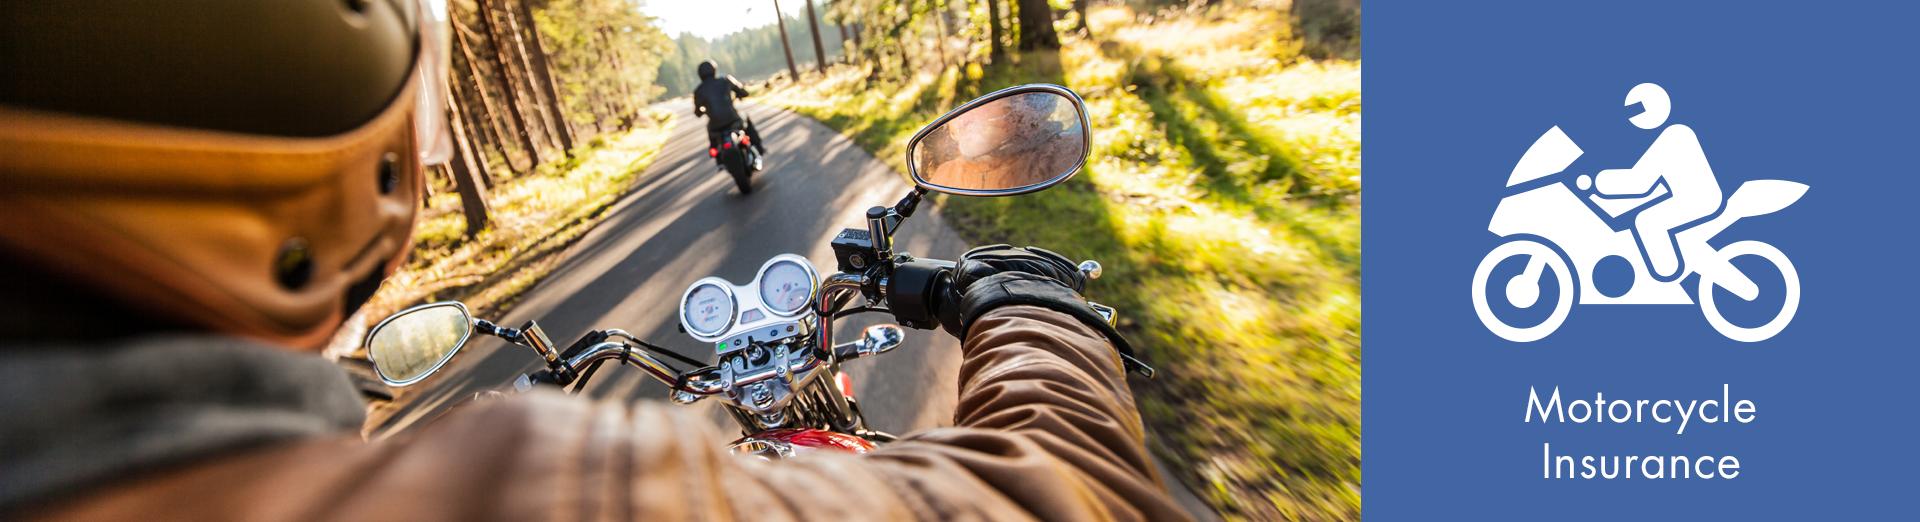 Motorcycle Insurance Cima World